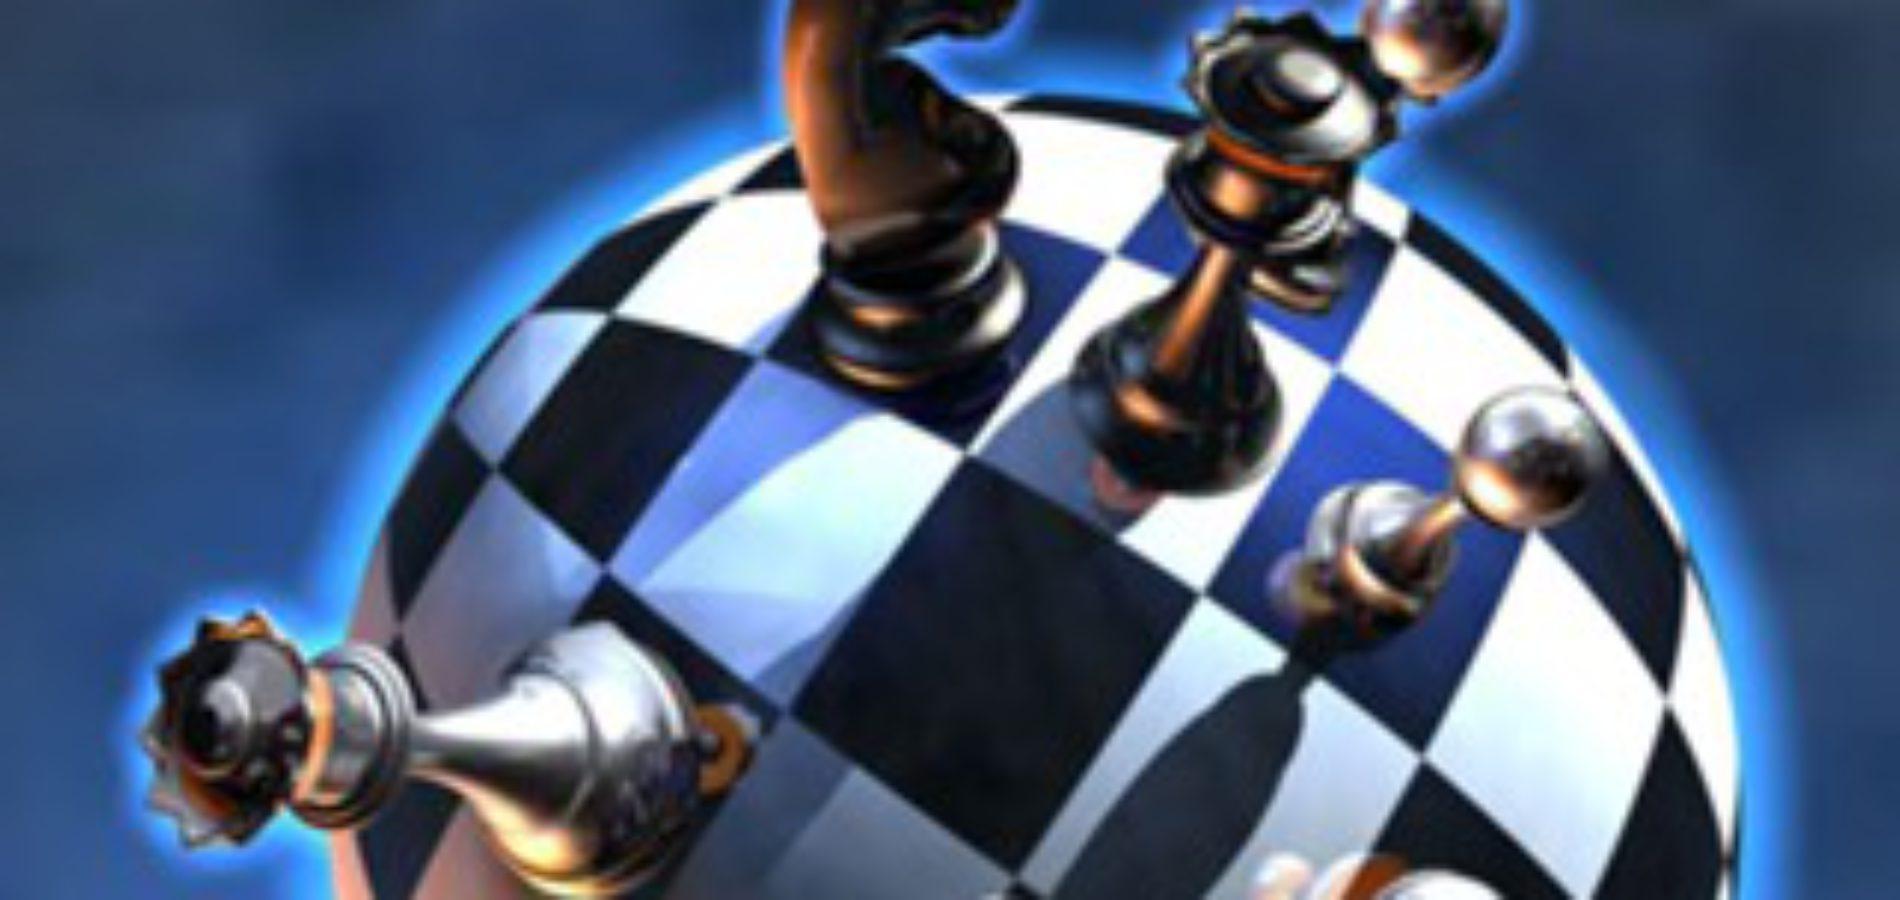 Экономика и геополитика: какой путь будет верным?